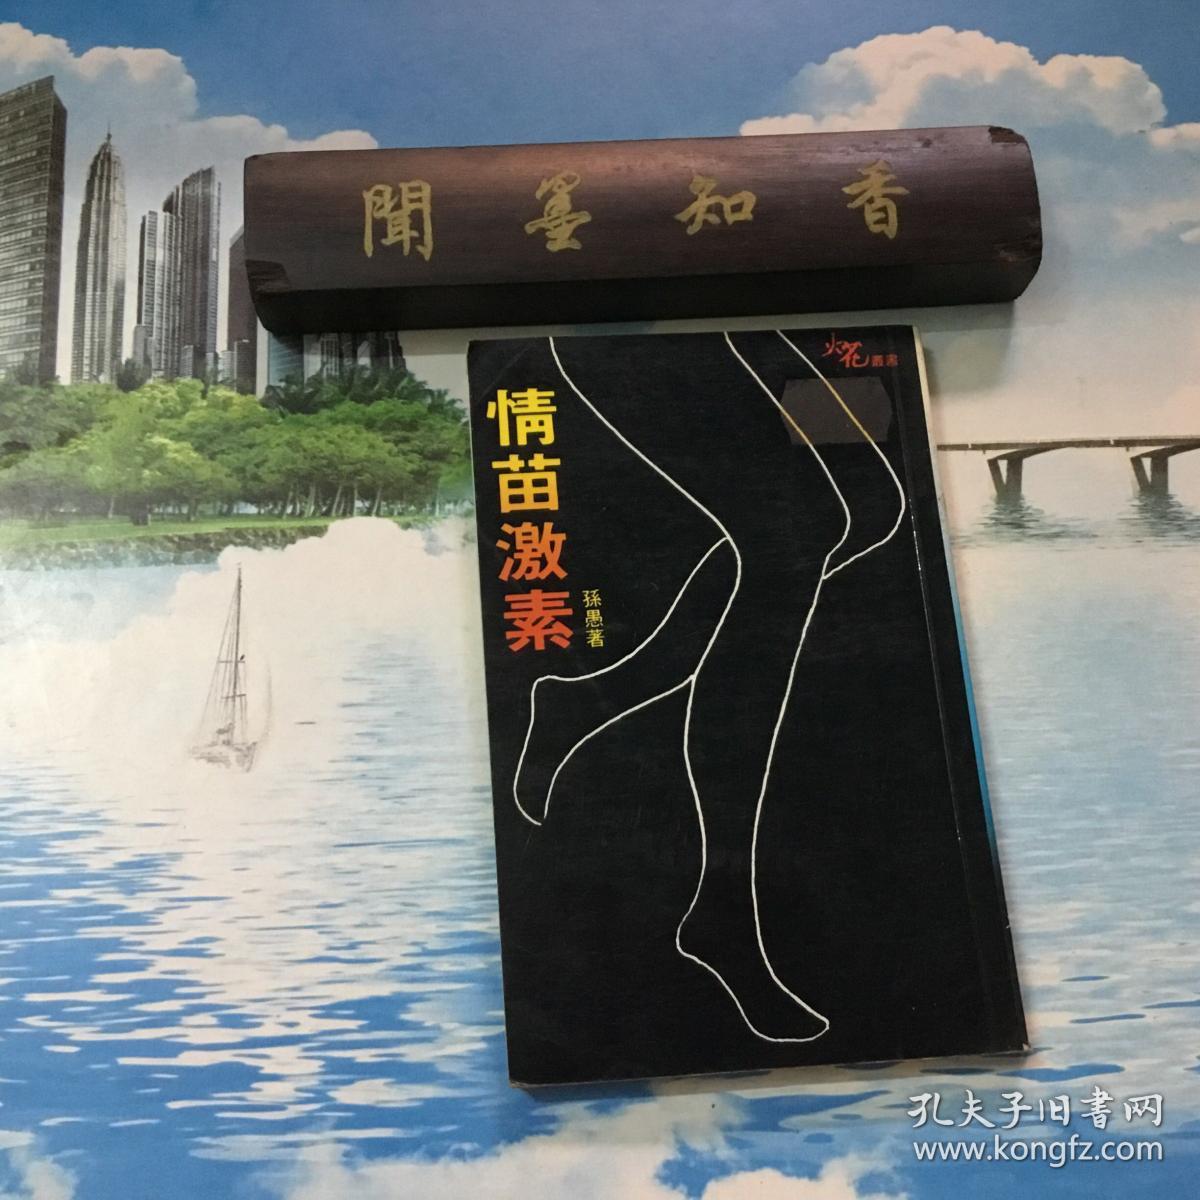 情苗激素  (孙愚 著 博益出版社 1984年初版)